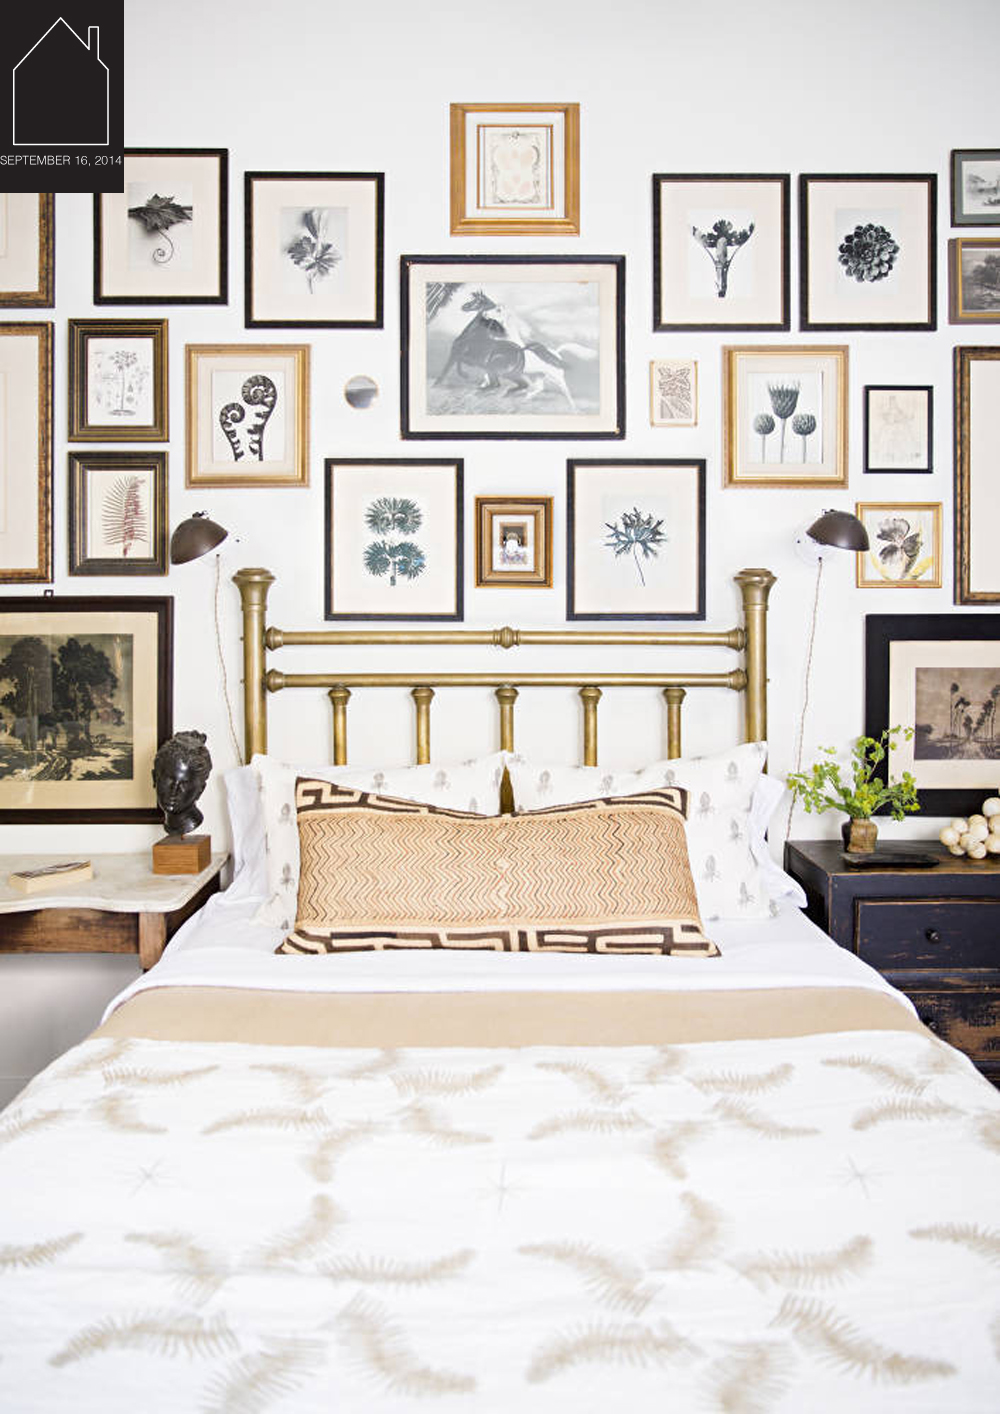 bedroom by  Lauren Liess  via  Domino